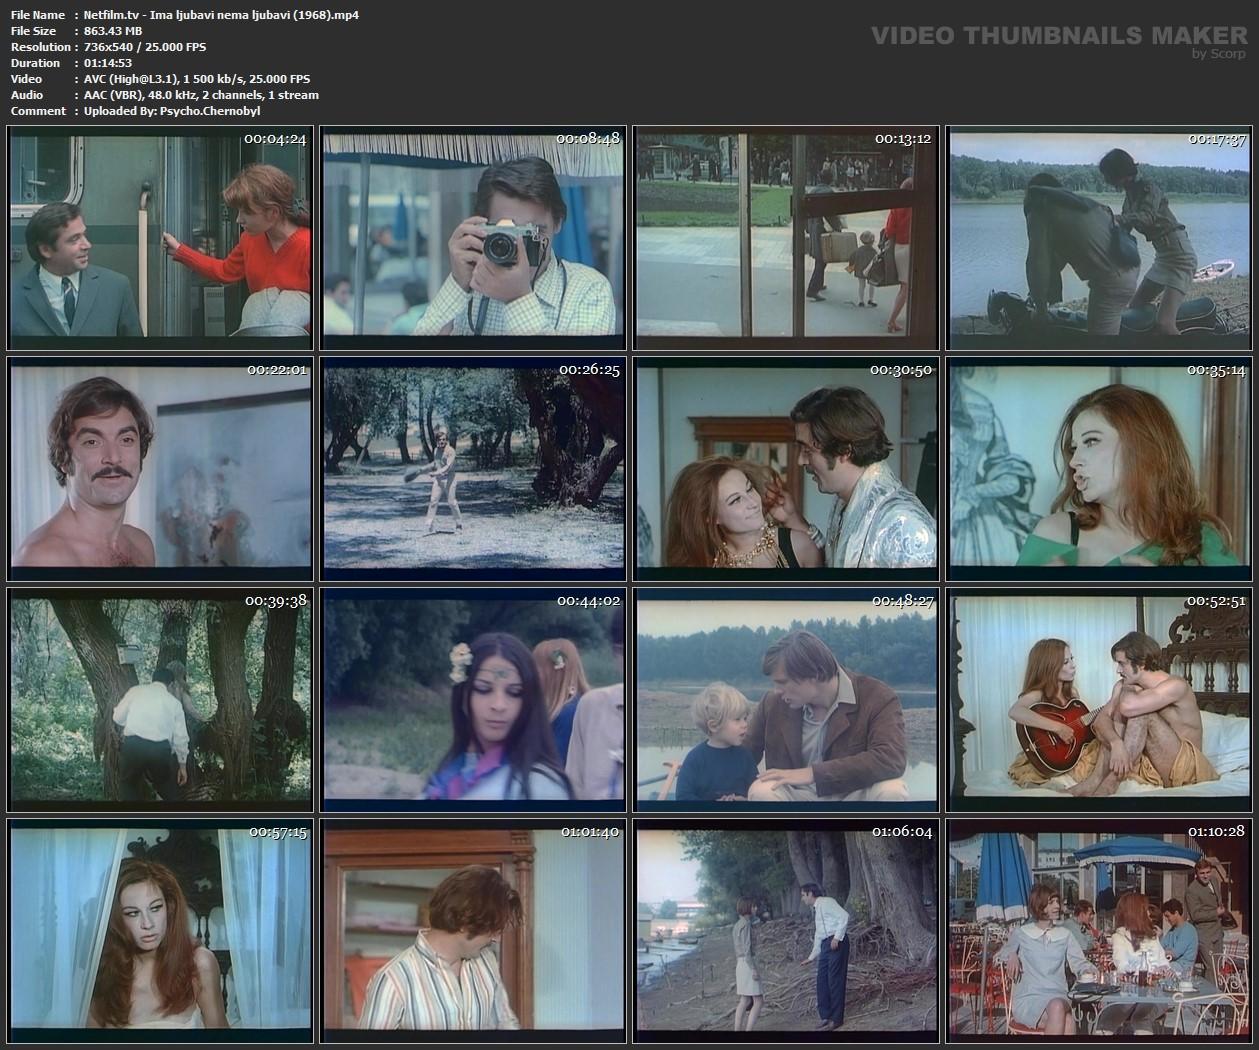 Netfilm-tv-Ima-ljubavi-nema-ljubavi-1968